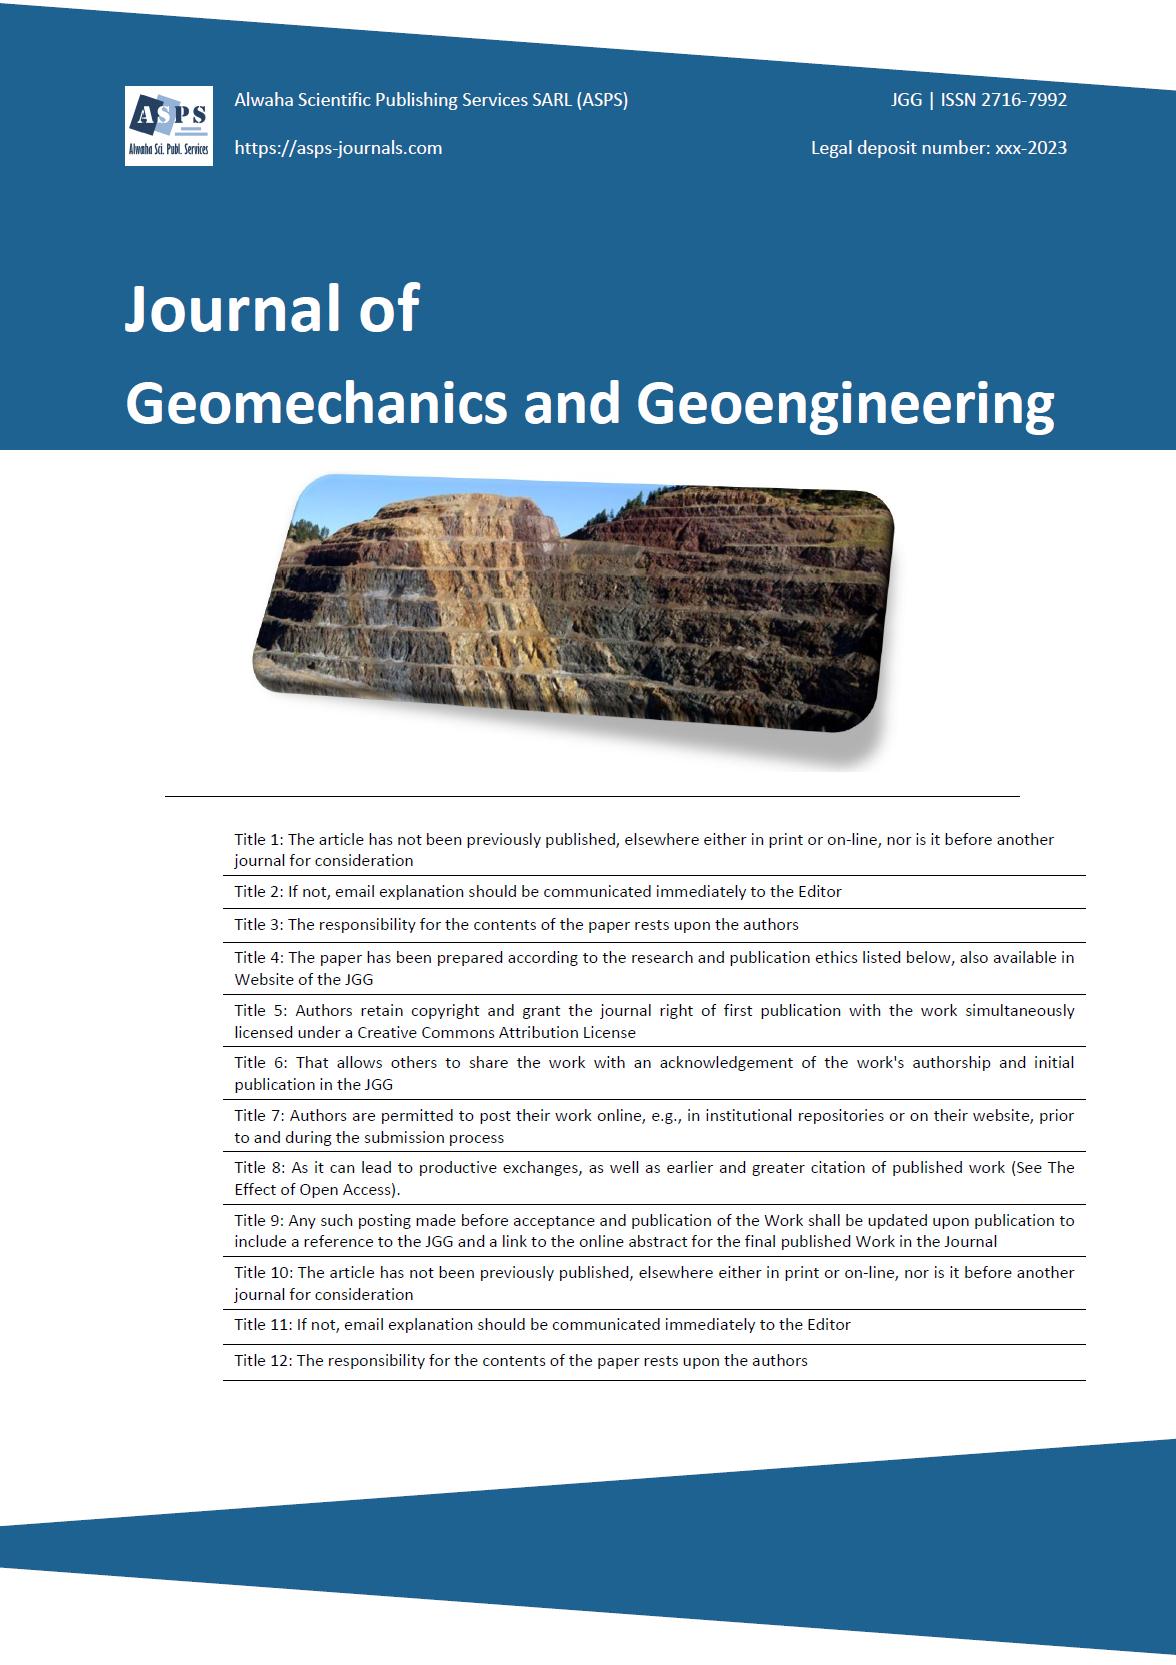 Journal of Geomechanics and Geoengineering (JGG)